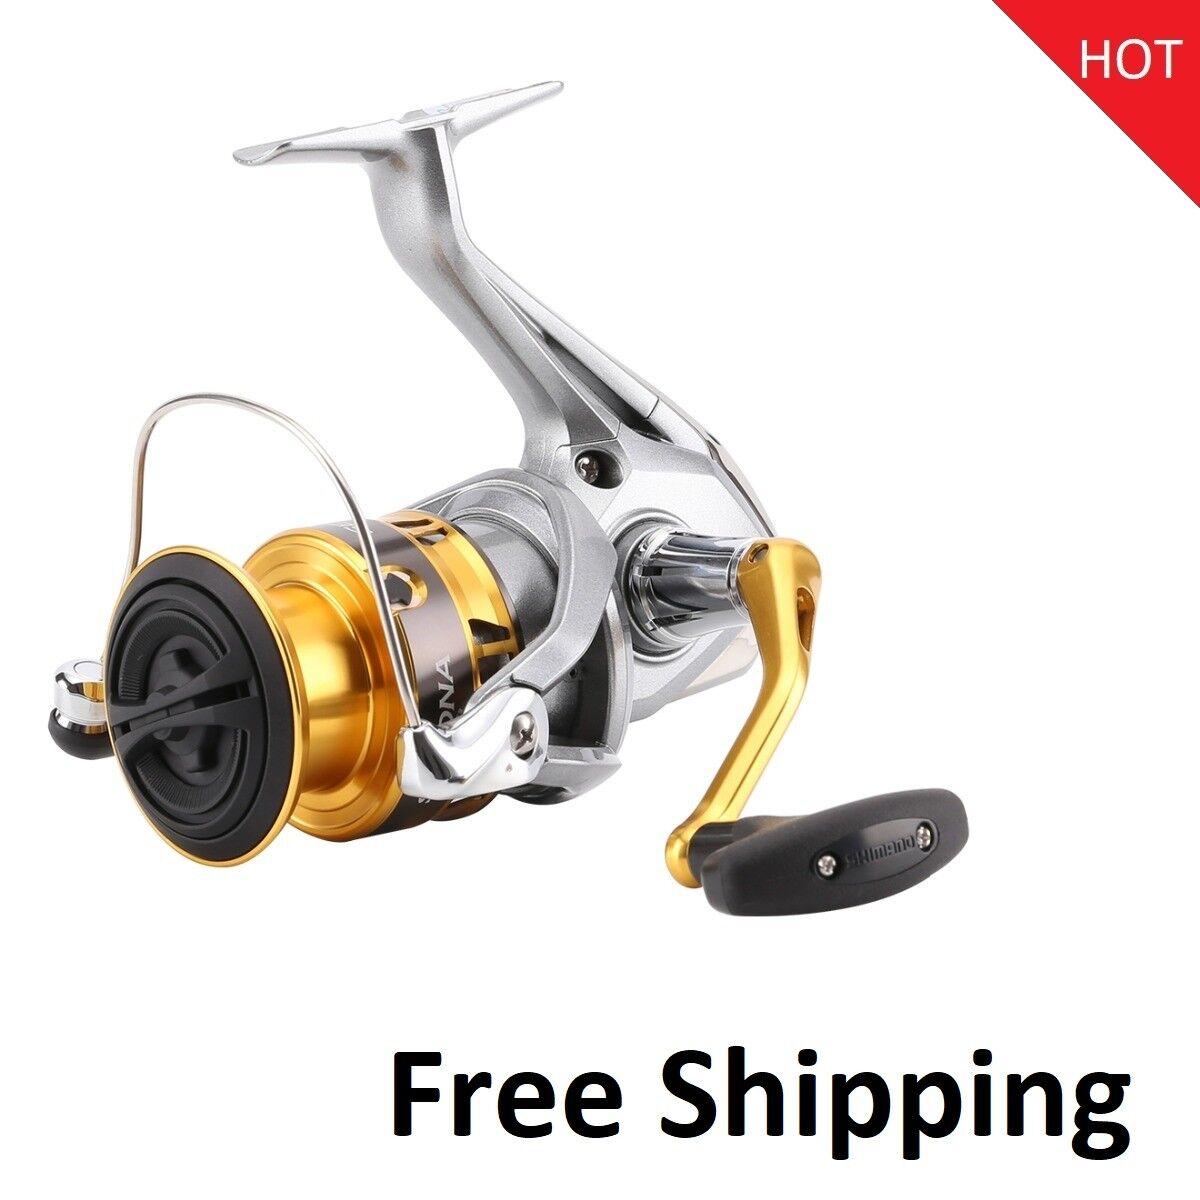 Shimano Sedona Fi 1000 2500 4000 Cocherete de Pesca Spinning Hagane Engranaje de bajo perfil